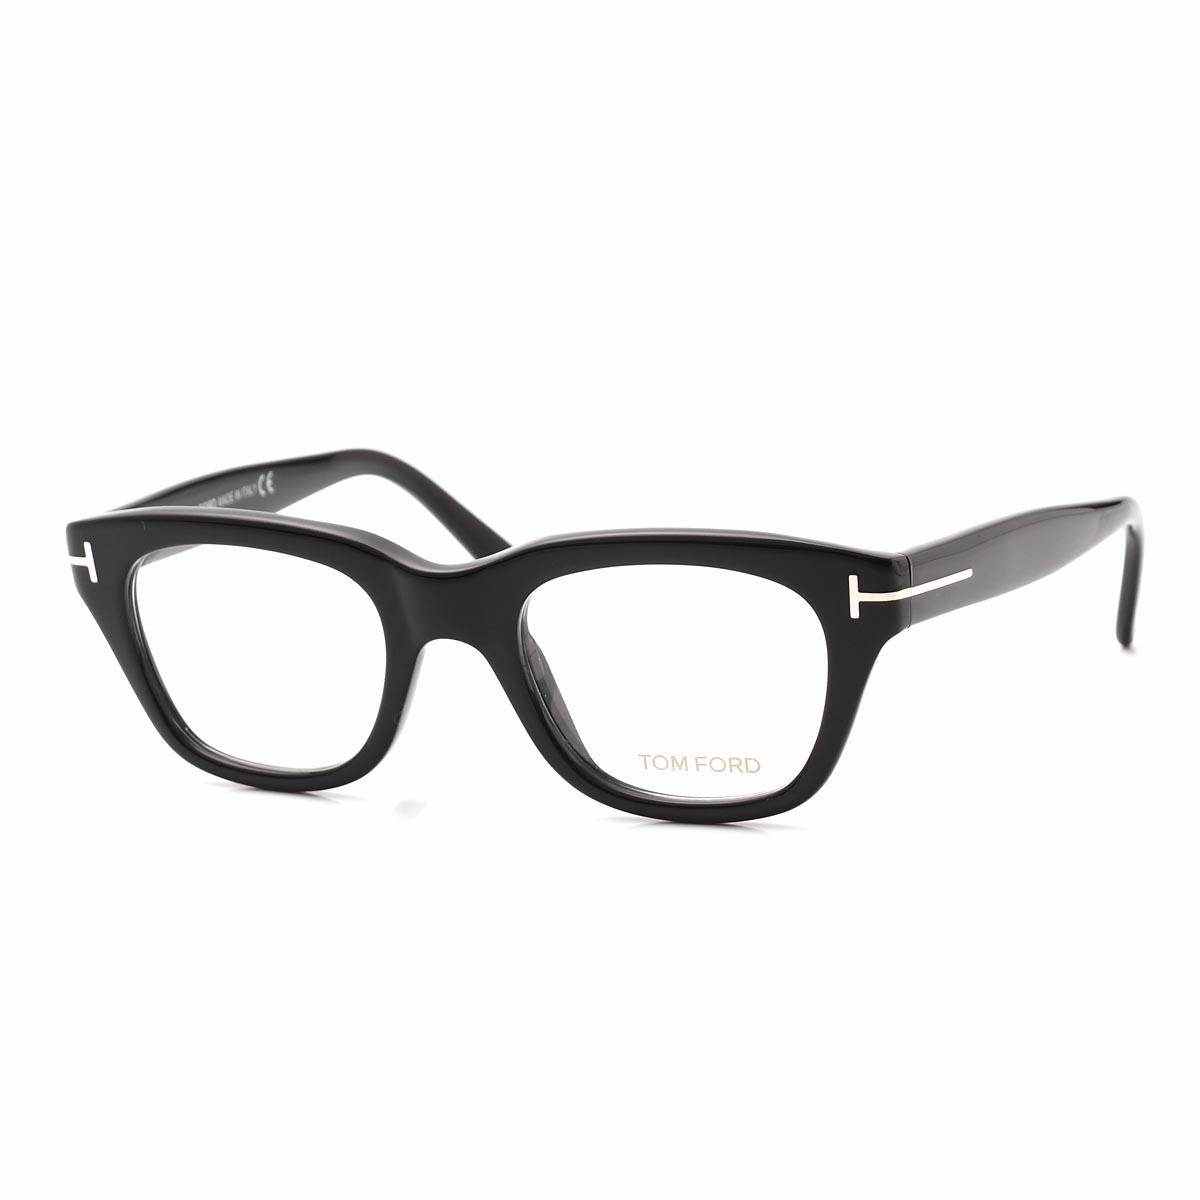 9d417044ab9 Tom Ford TOM FORD glasses glasses frame black men black ft5178 001 TF5178  Wellington